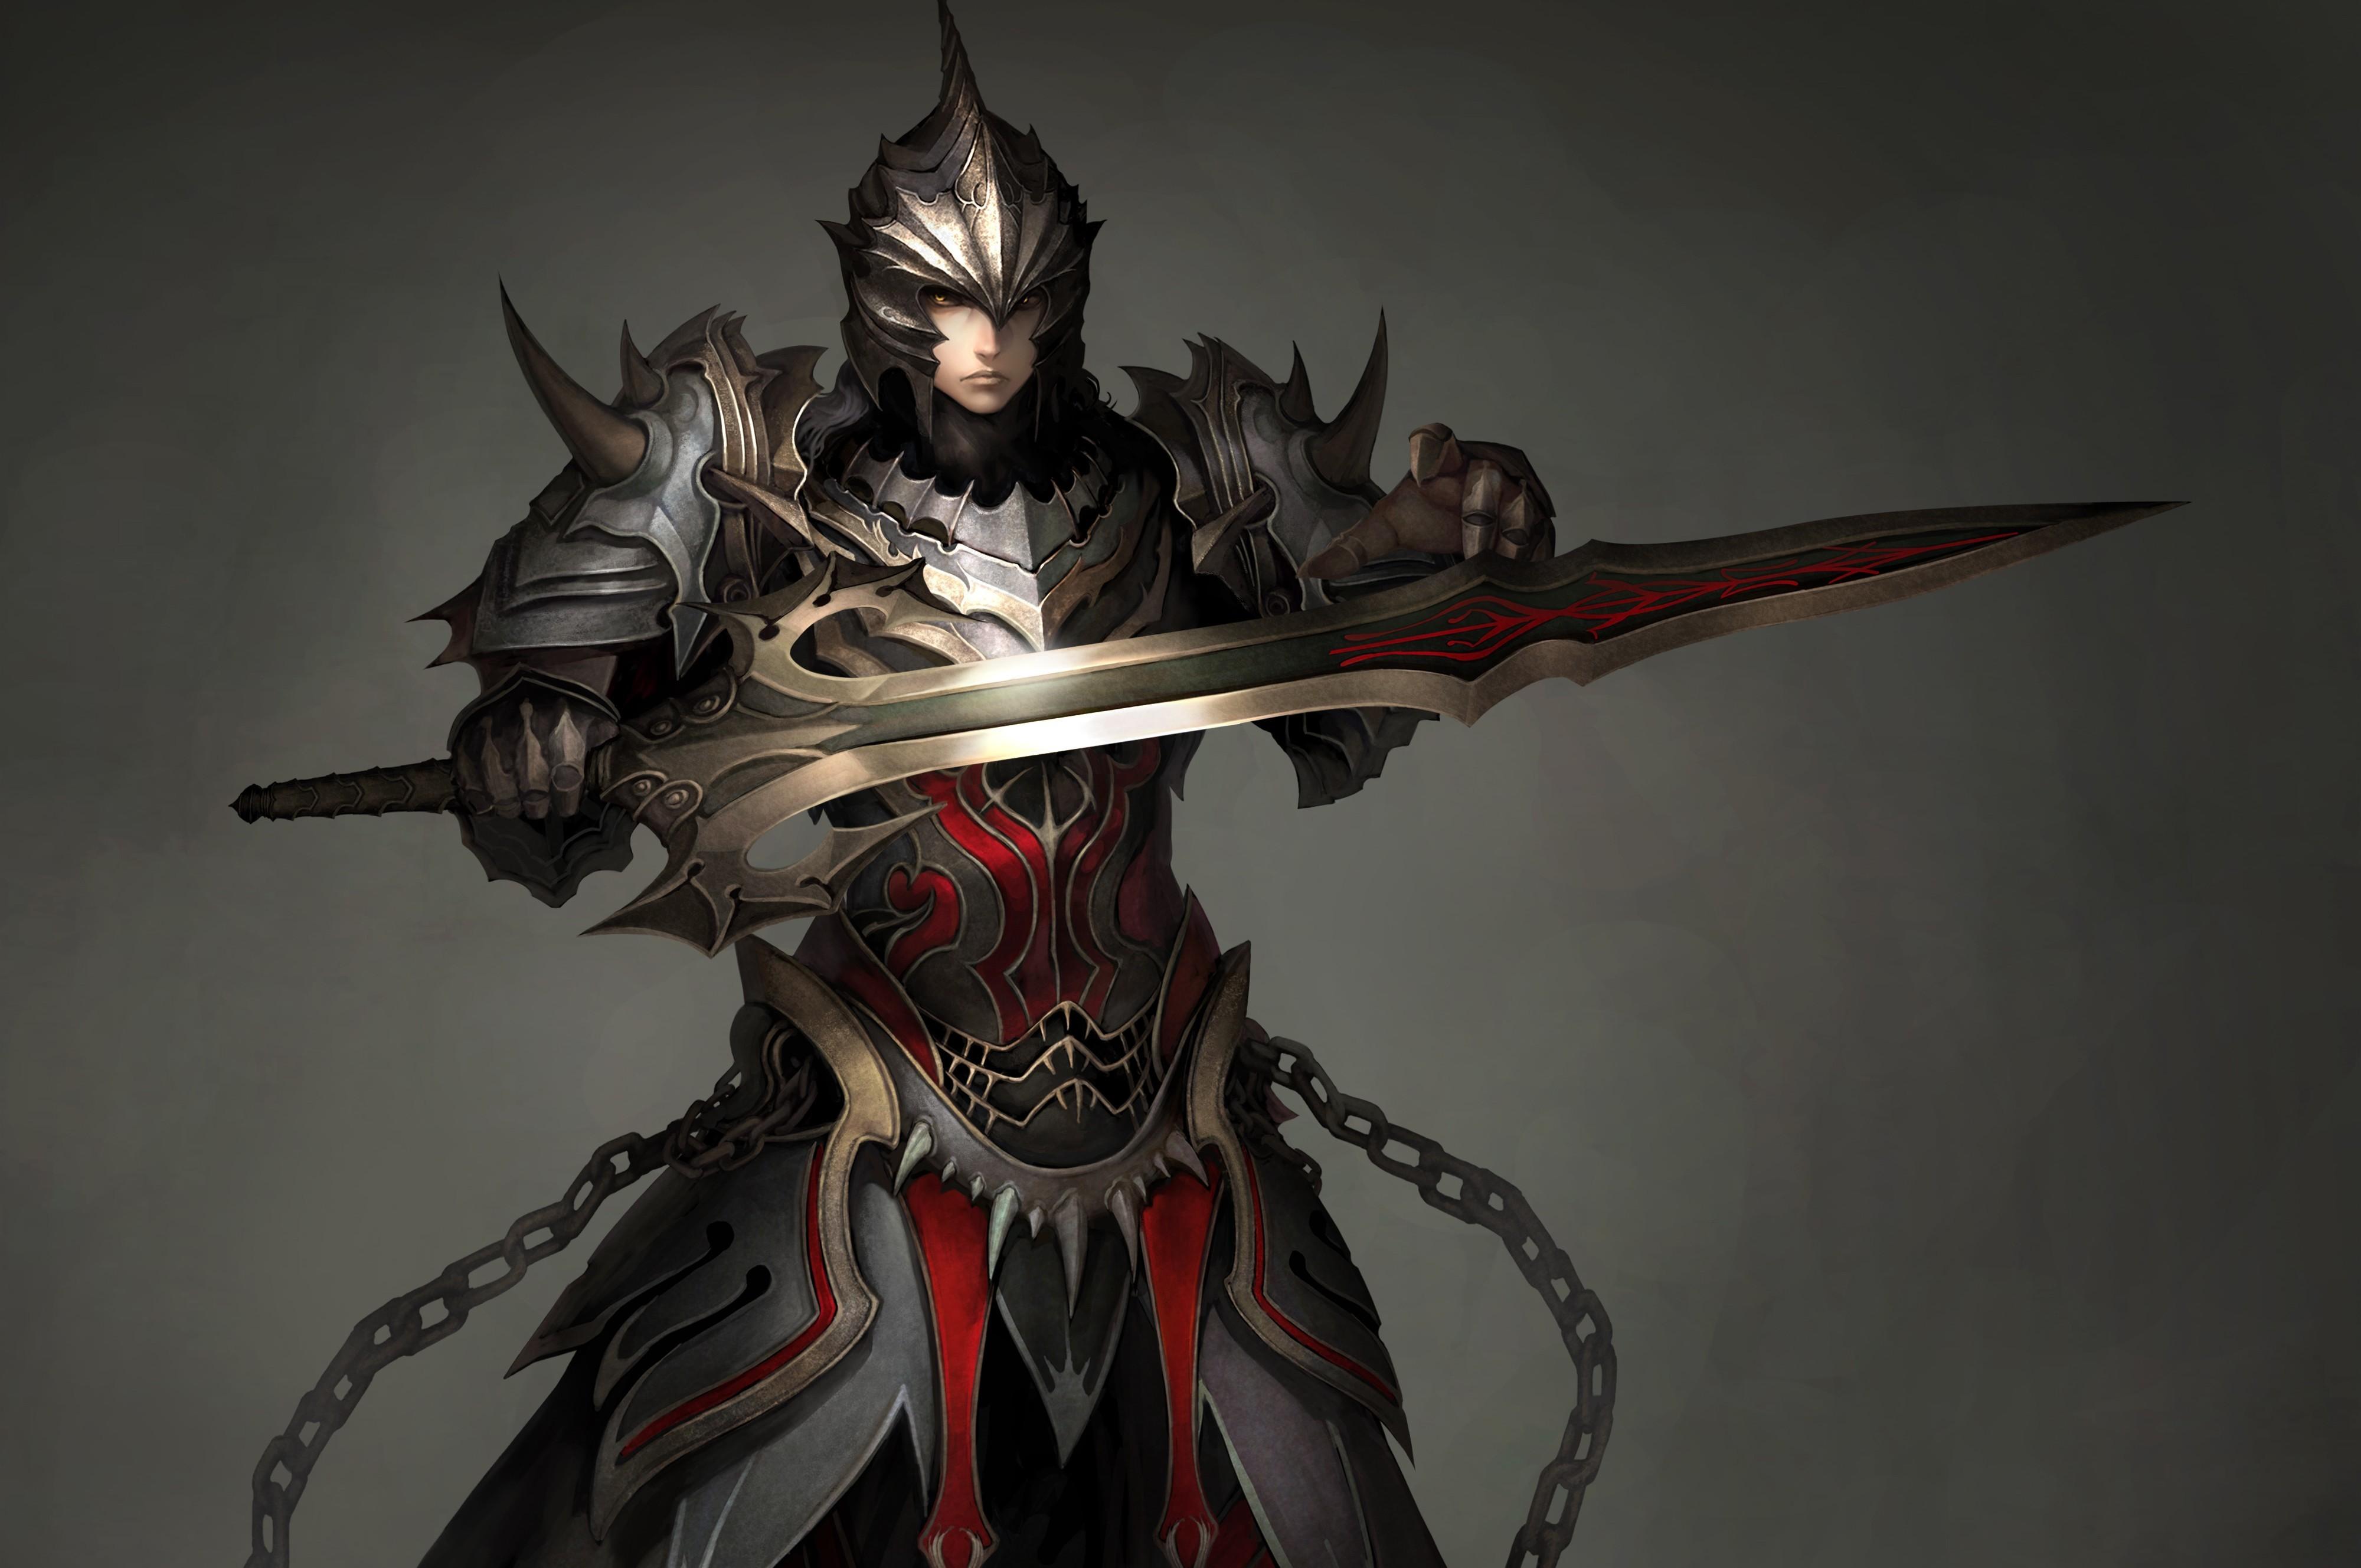 atlantica online warriors men armor swords helmet games fantasy